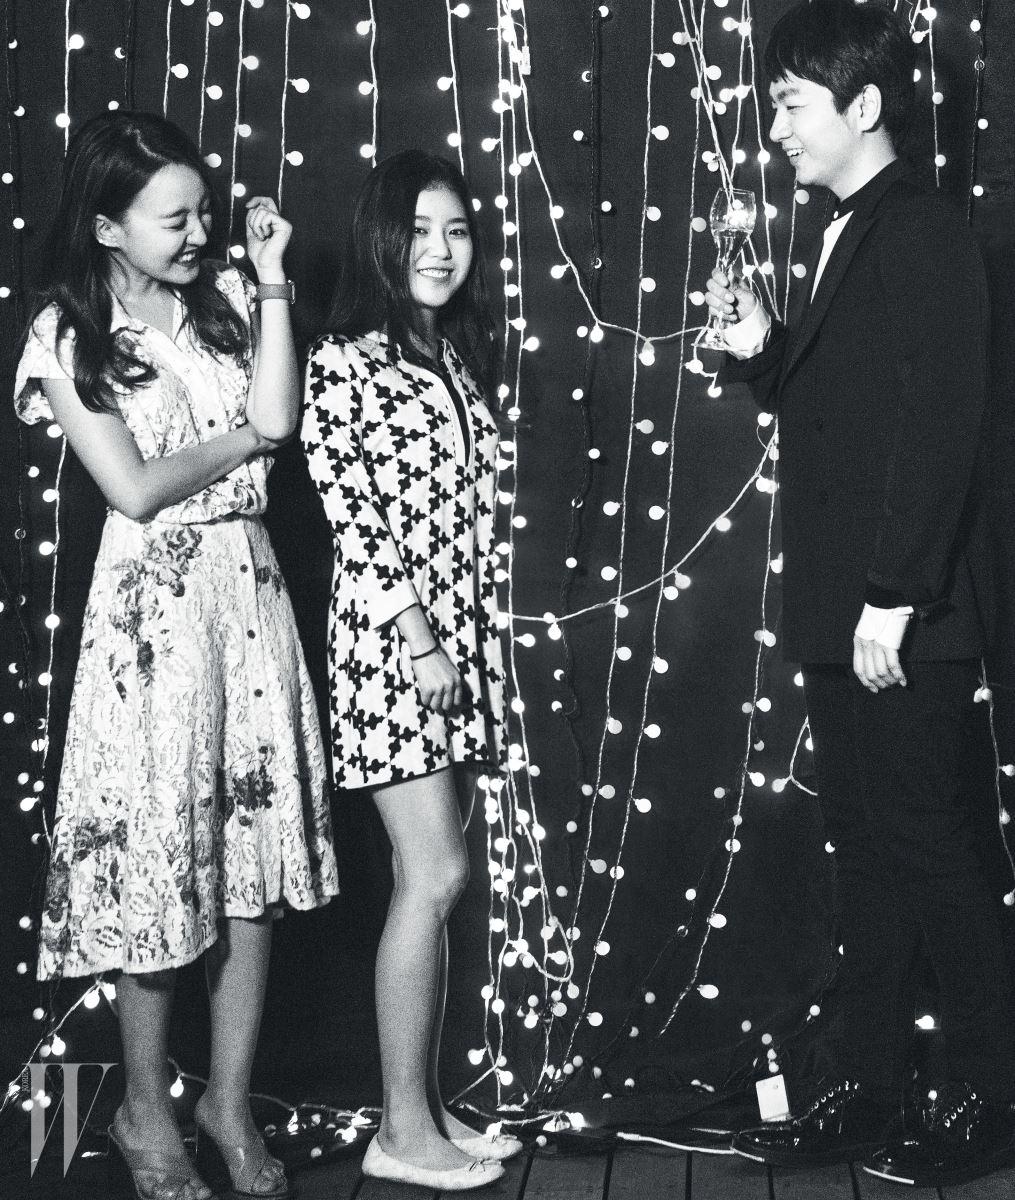 가수 윤하와 배우 조혜정 그리고 권순일, 귀여운 세 남녀의 의외의 조합.